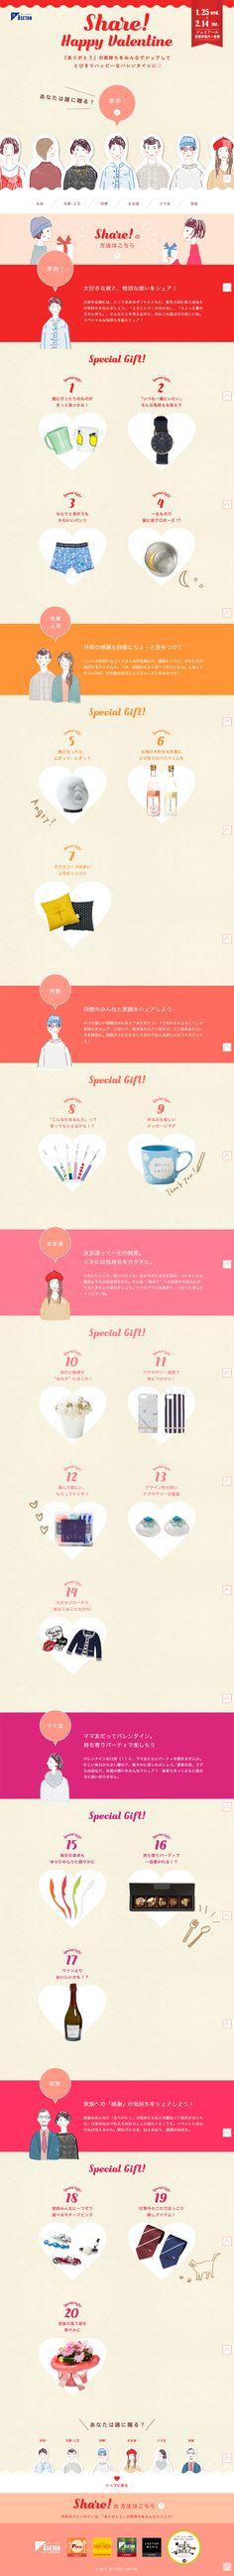 Share! Happy Valentine【和菓子・洋菓子・スイーツ関連】のLPデザイン。WEBデザイナーさん必見!ランディングページのデザイン参考に(かわいい系)